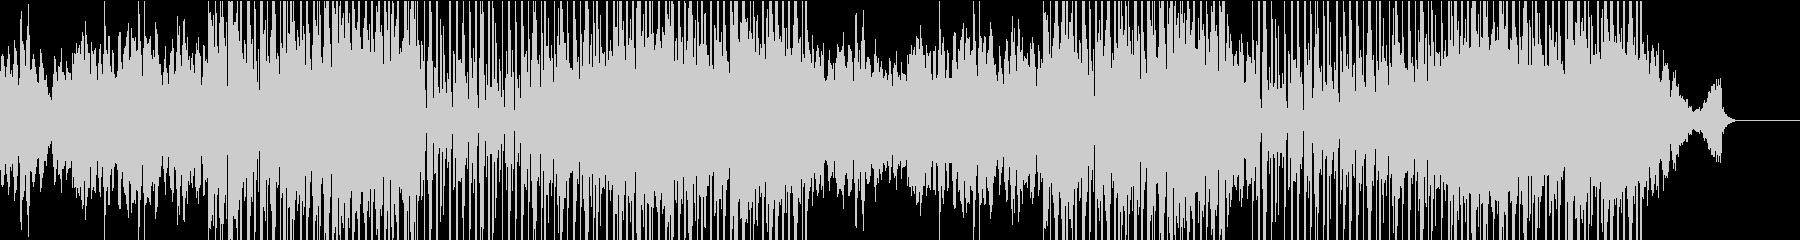 優しいピアノのBGMの未再生の波形